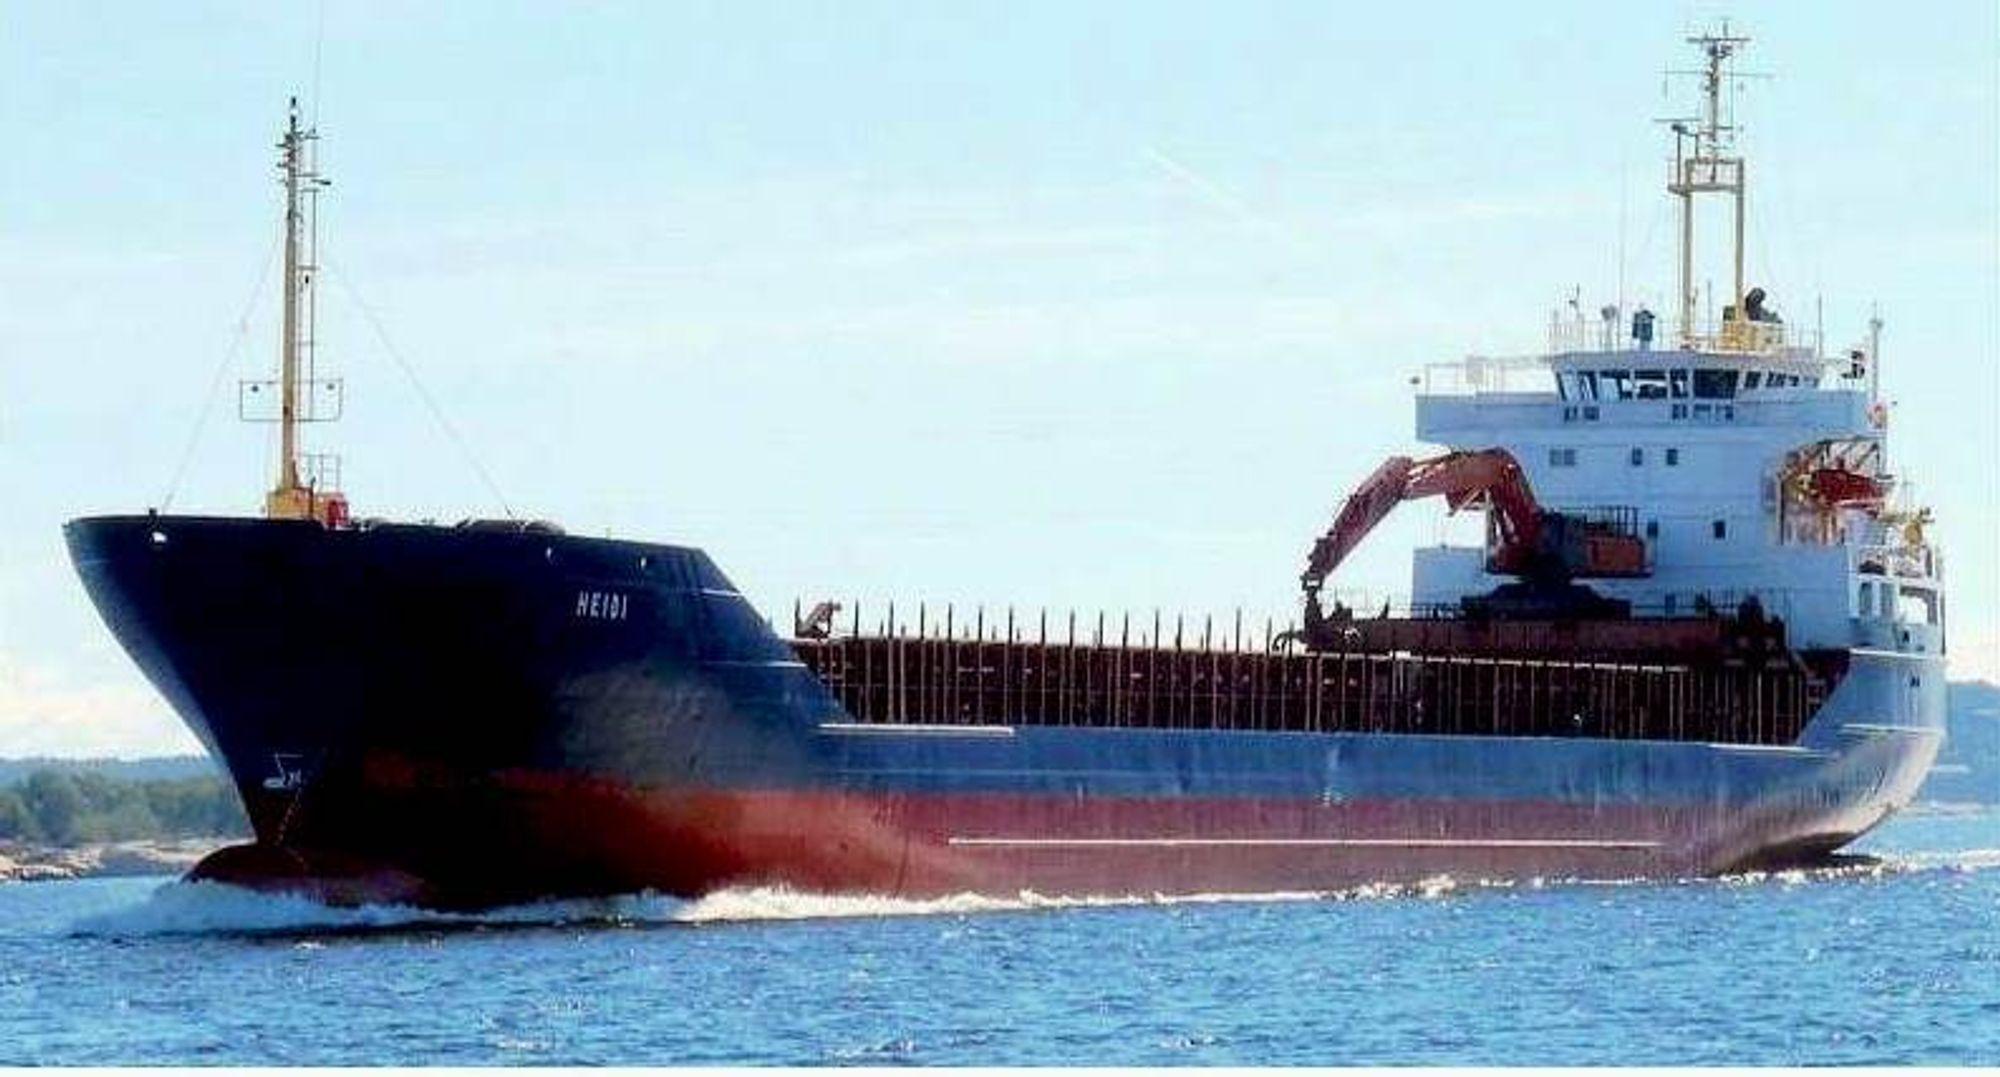 MV Heidi er bygget i 1979 i Tyskland. Det 39 år gamle lasteskipet er altså i den eldre del av den norske nærskipsflåten.